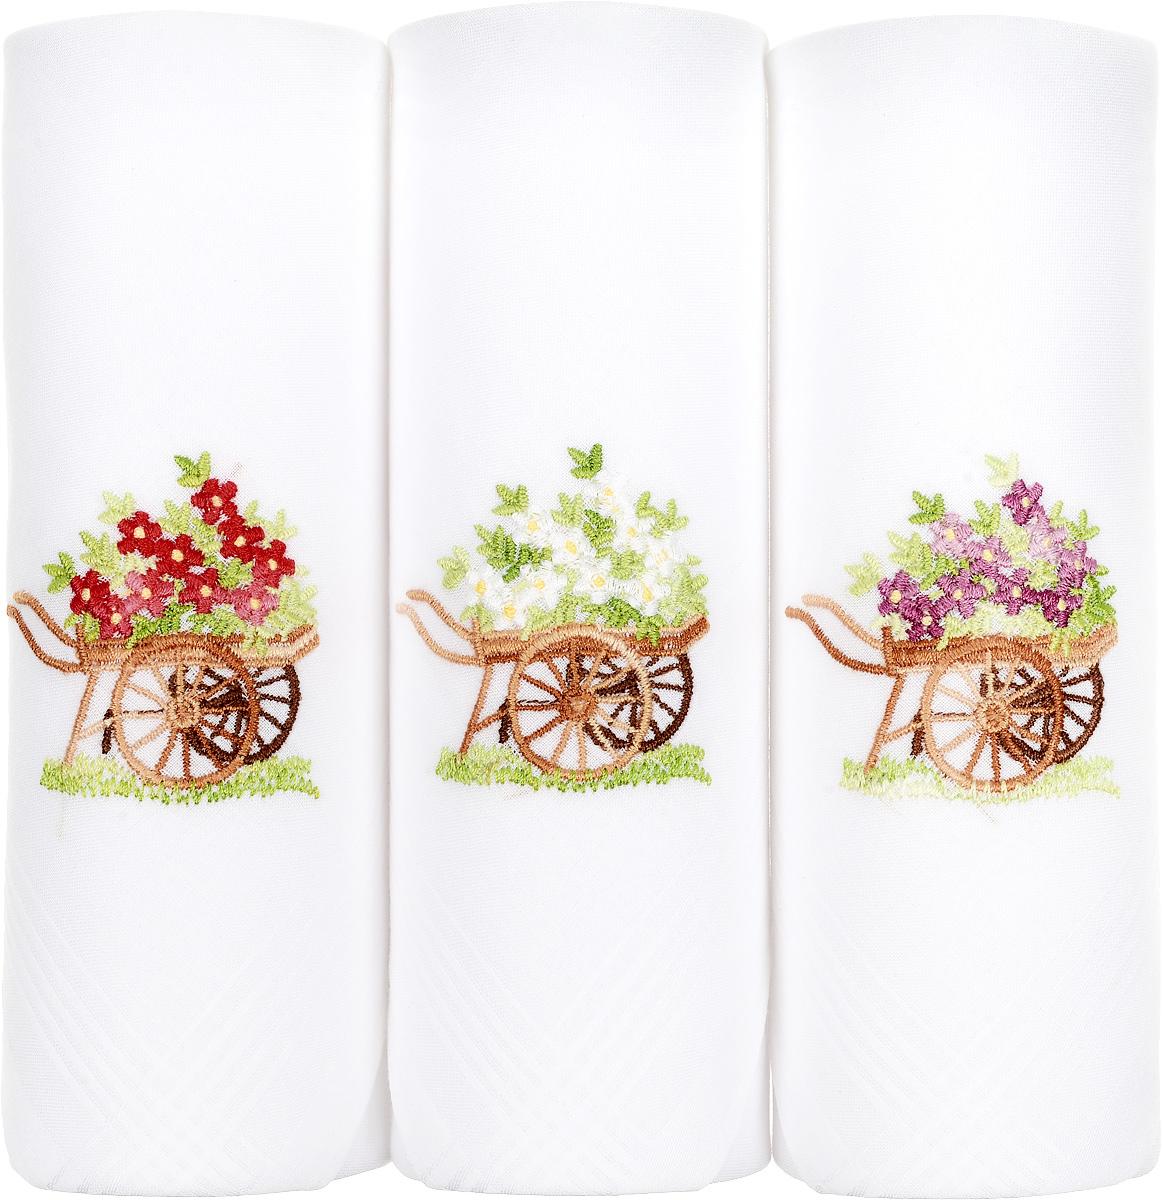 Платок носовой женский Zlata Korunka, цвет: белый, 3 шт. 06601-10. Размер 30 см х 30 см39864|Серьги с подвескамиНебольшой женский носовой платок Zlata Korunka изготовлен из высококачественного натурального хлопка, благодаря чему приятен в использовании, хорошо стирается, не садится и отлично впитывает влагу. Практичный и изящный носовой платок будет незаменим в повседневной жизни любого современного человека. Такой платок послужит стильным аксессуаром и подчеркнет ваше превосходное чувство вкуса.В комплекте 3 платка.